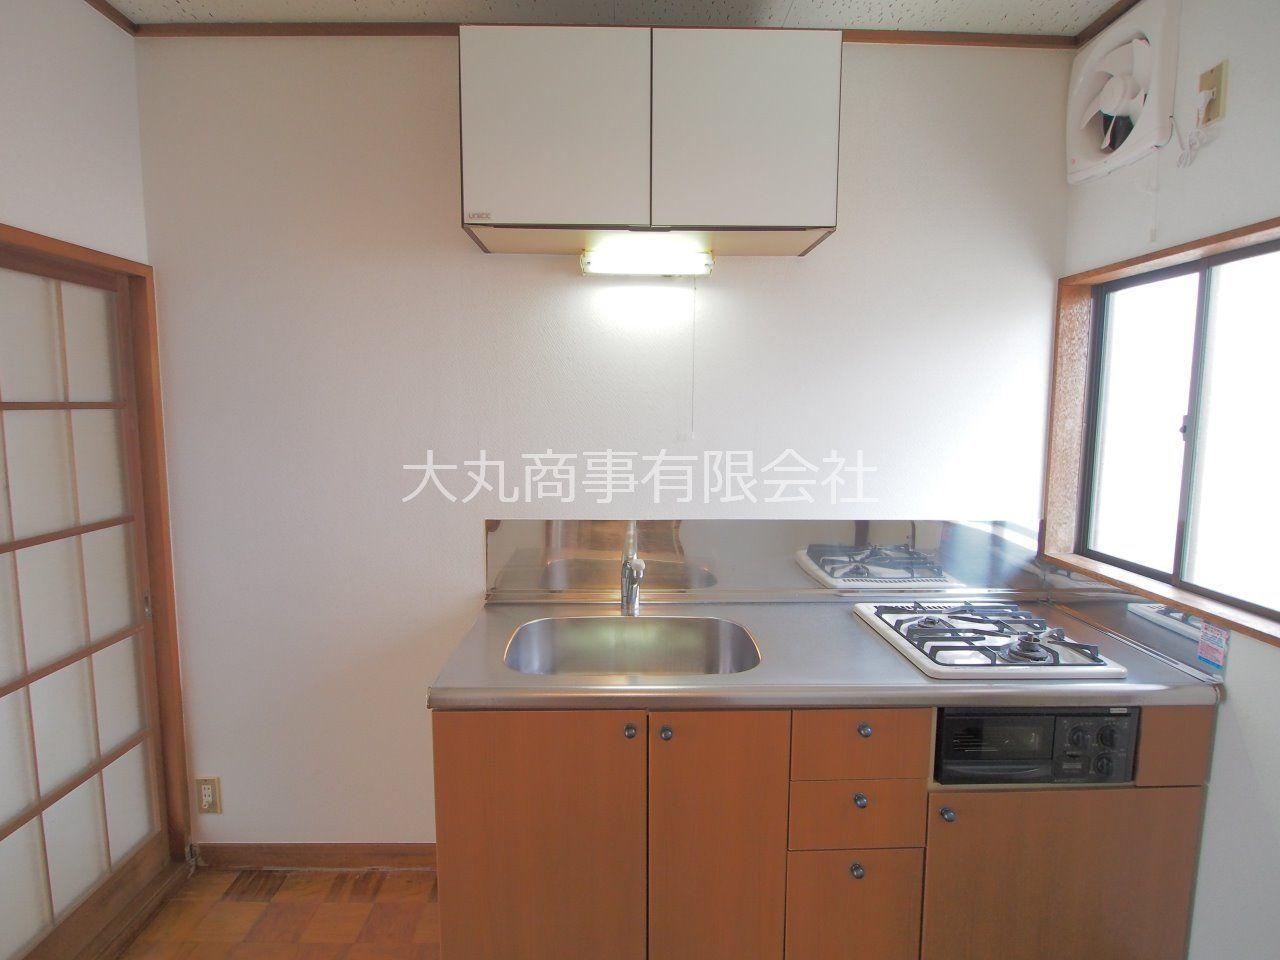 単身向けには珍しく、2口ビルトインコンロのあるキッチン。自炊派には嬉しい設備です。